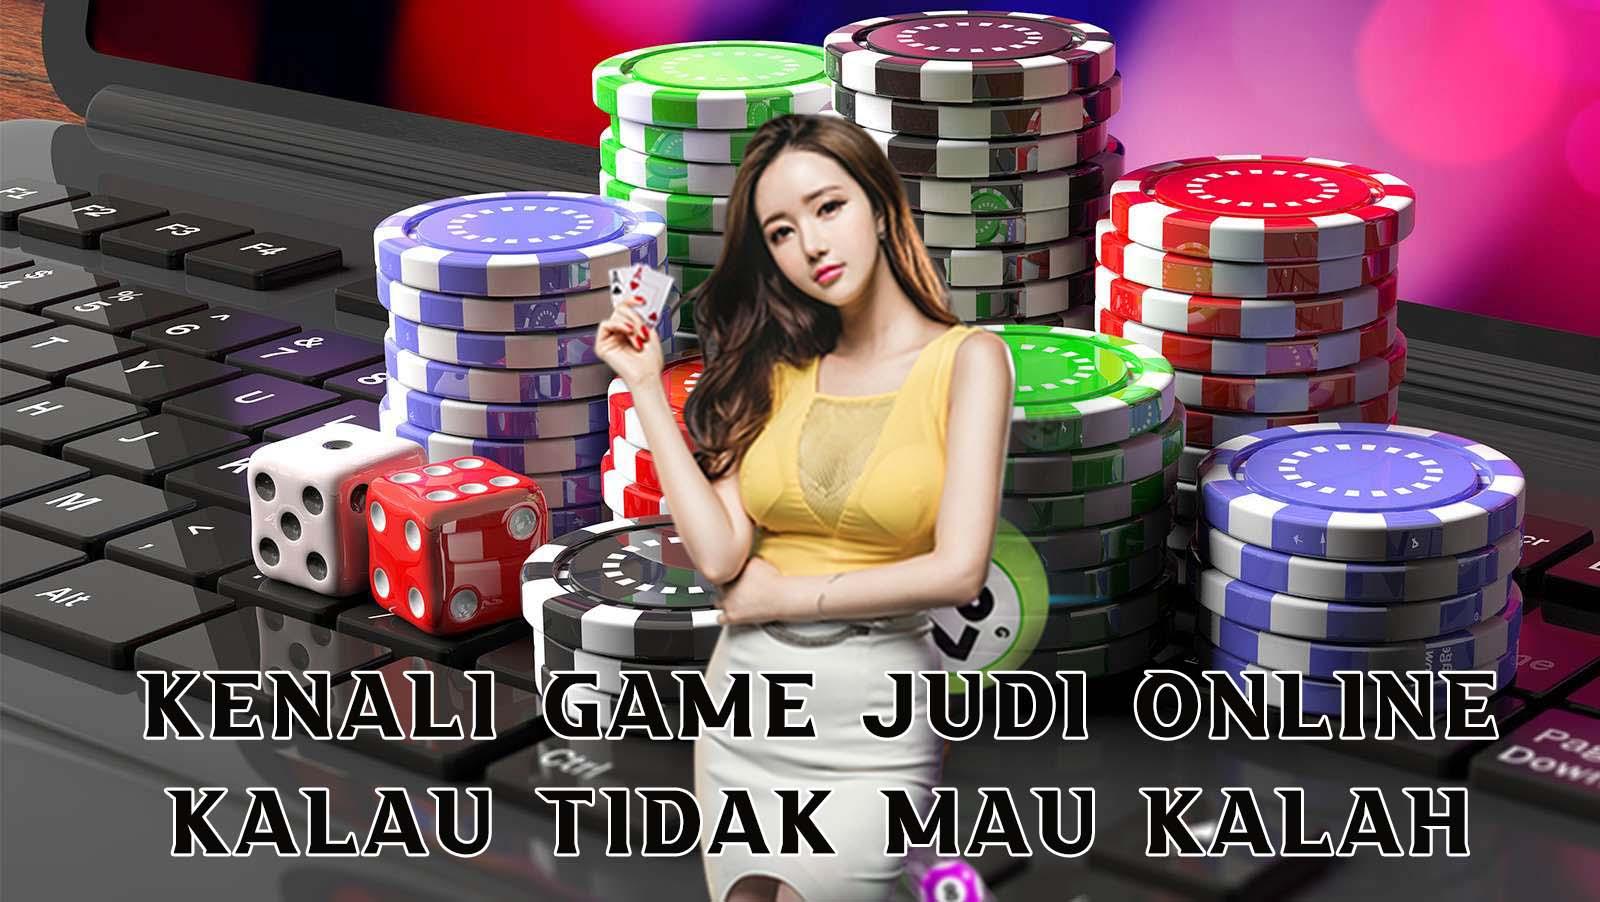 Kenali Urutan Kartu Poker Judi Online Kalau Tidak Mau Kalah